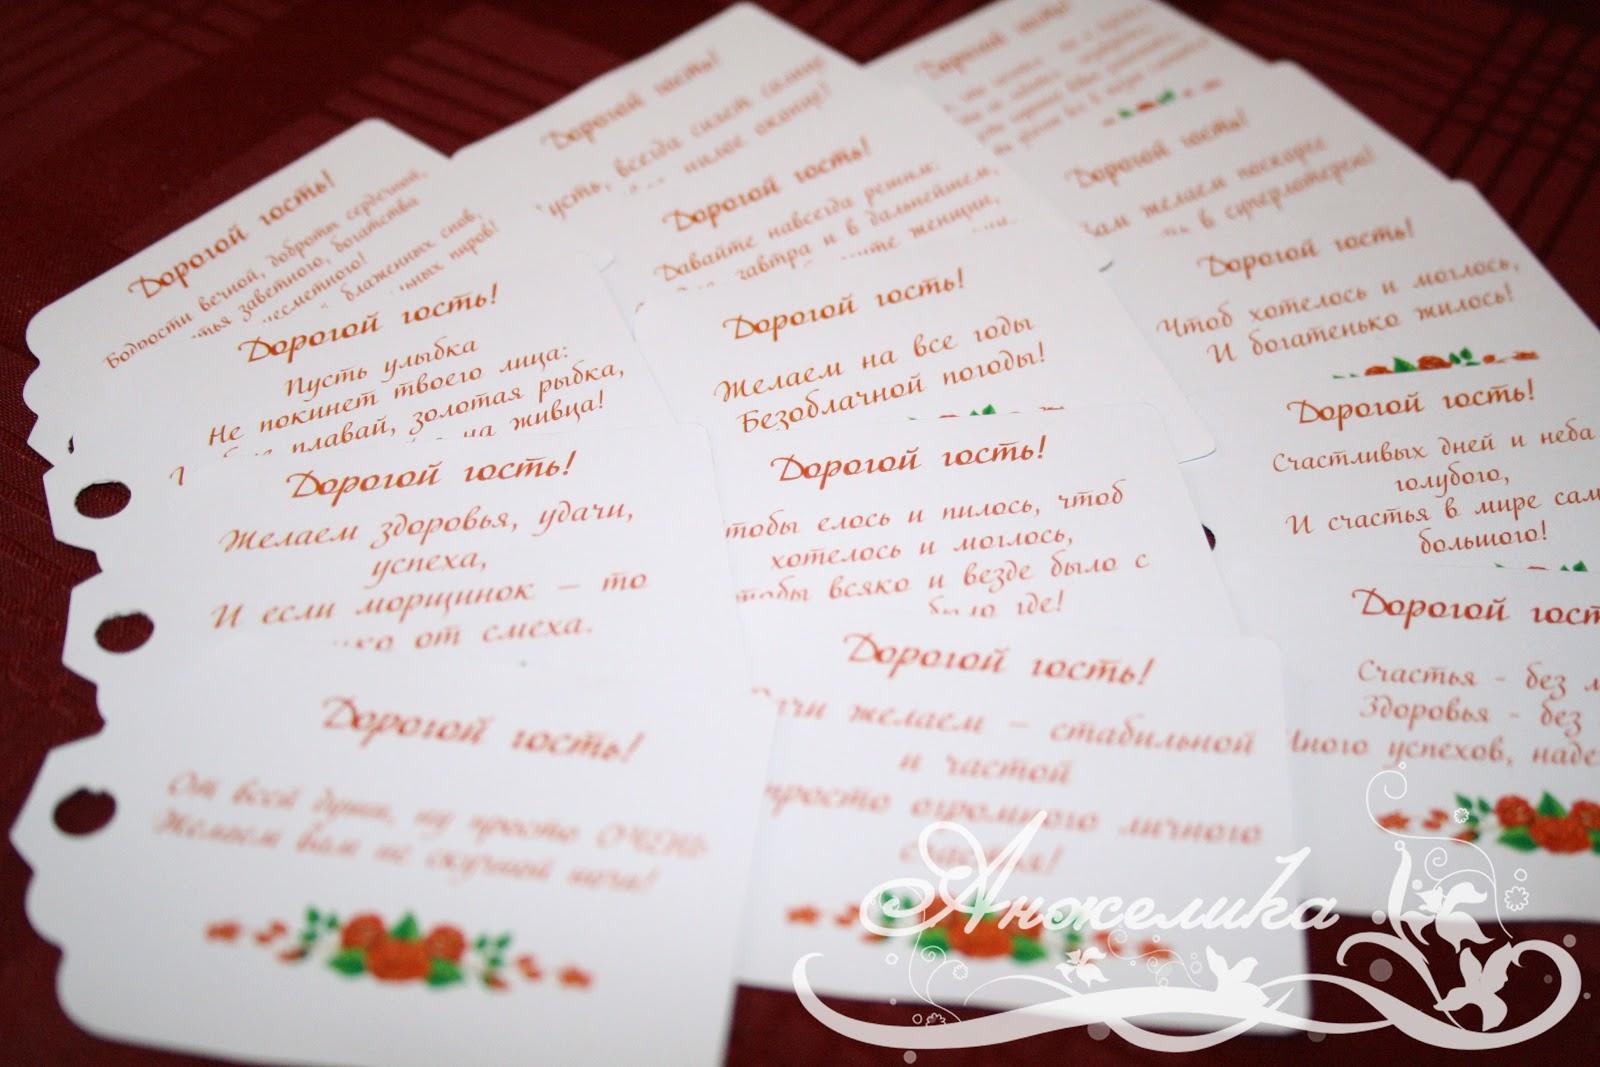 Ответные слова юбиляра на поздравления гостей6